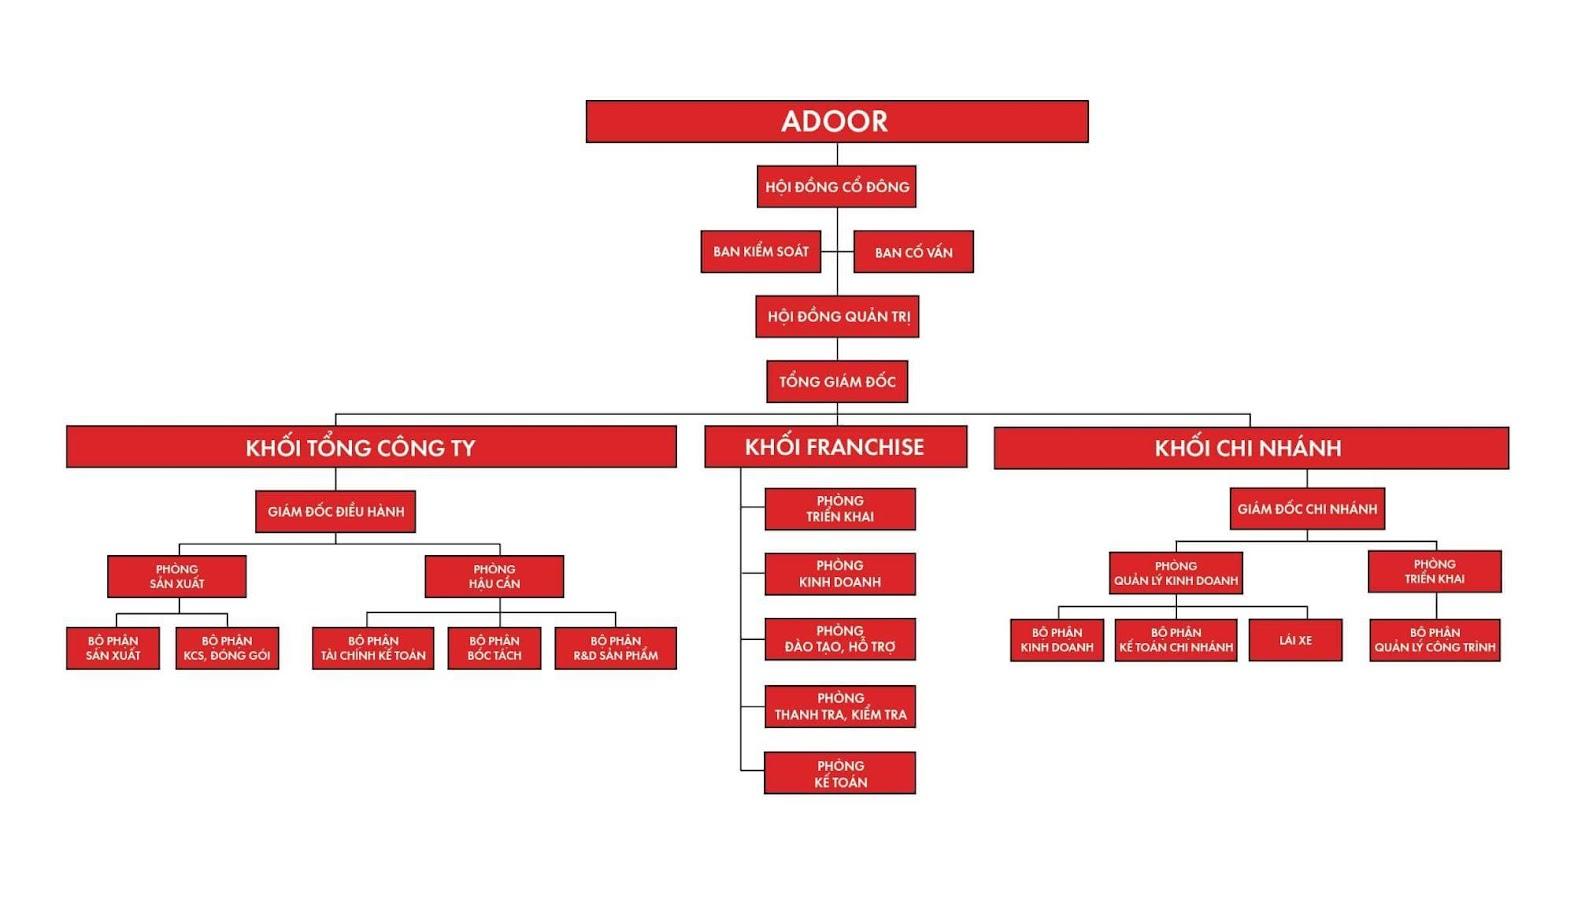 Hệ thống cơ cấu tổ chức chuyên nghiệp của Adoor